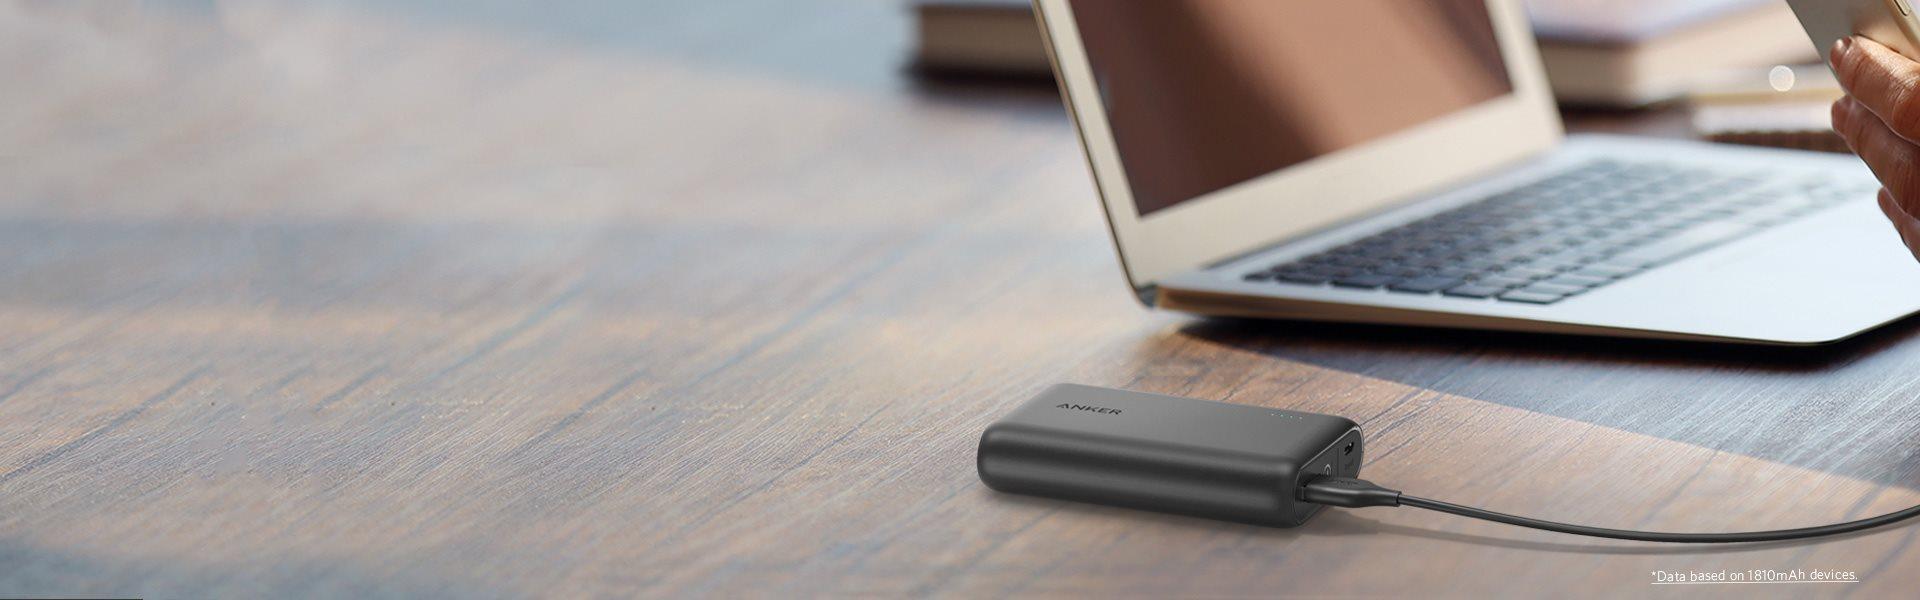 Anker mobilladdare, powerbanks och kablar